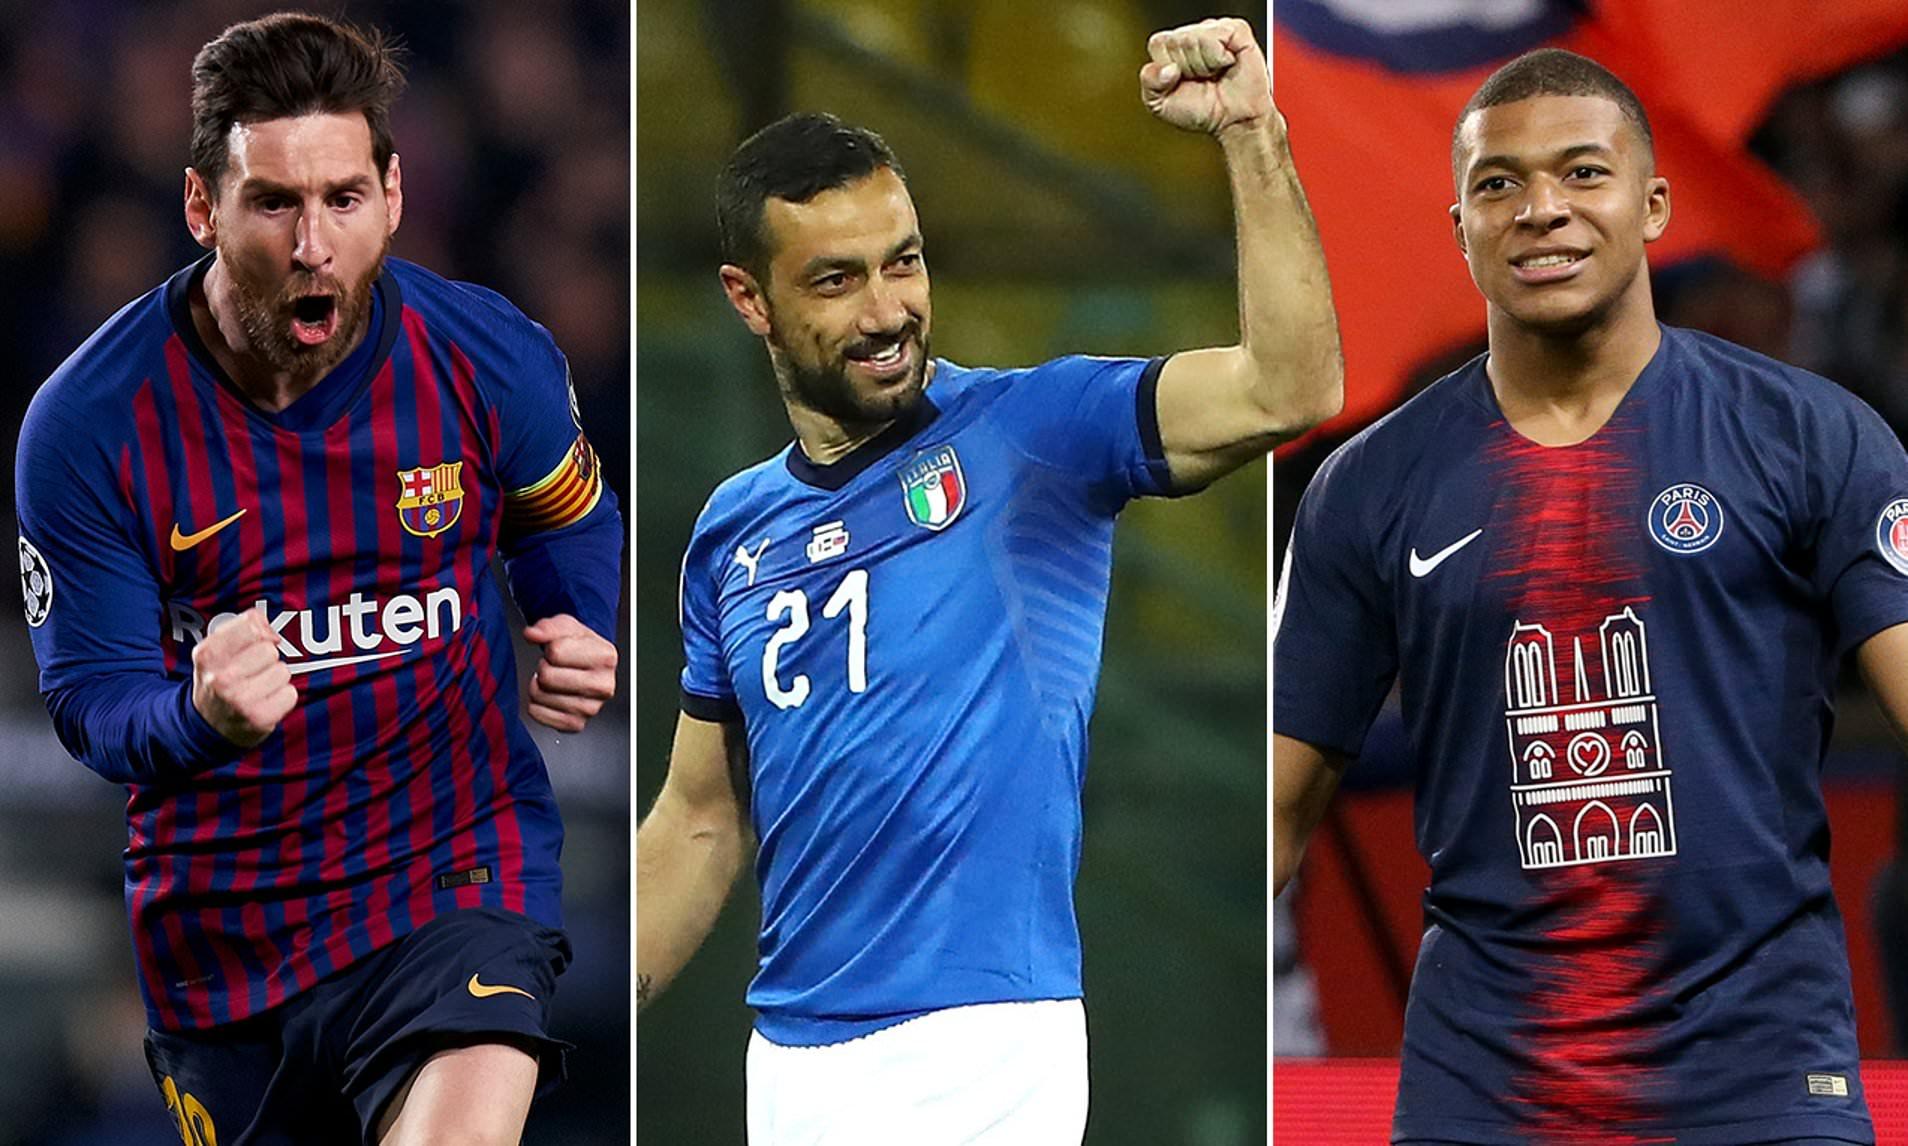 Messi, Mbappe, dan Ronaldo, siapa calon peraih Golden Boots 2019?